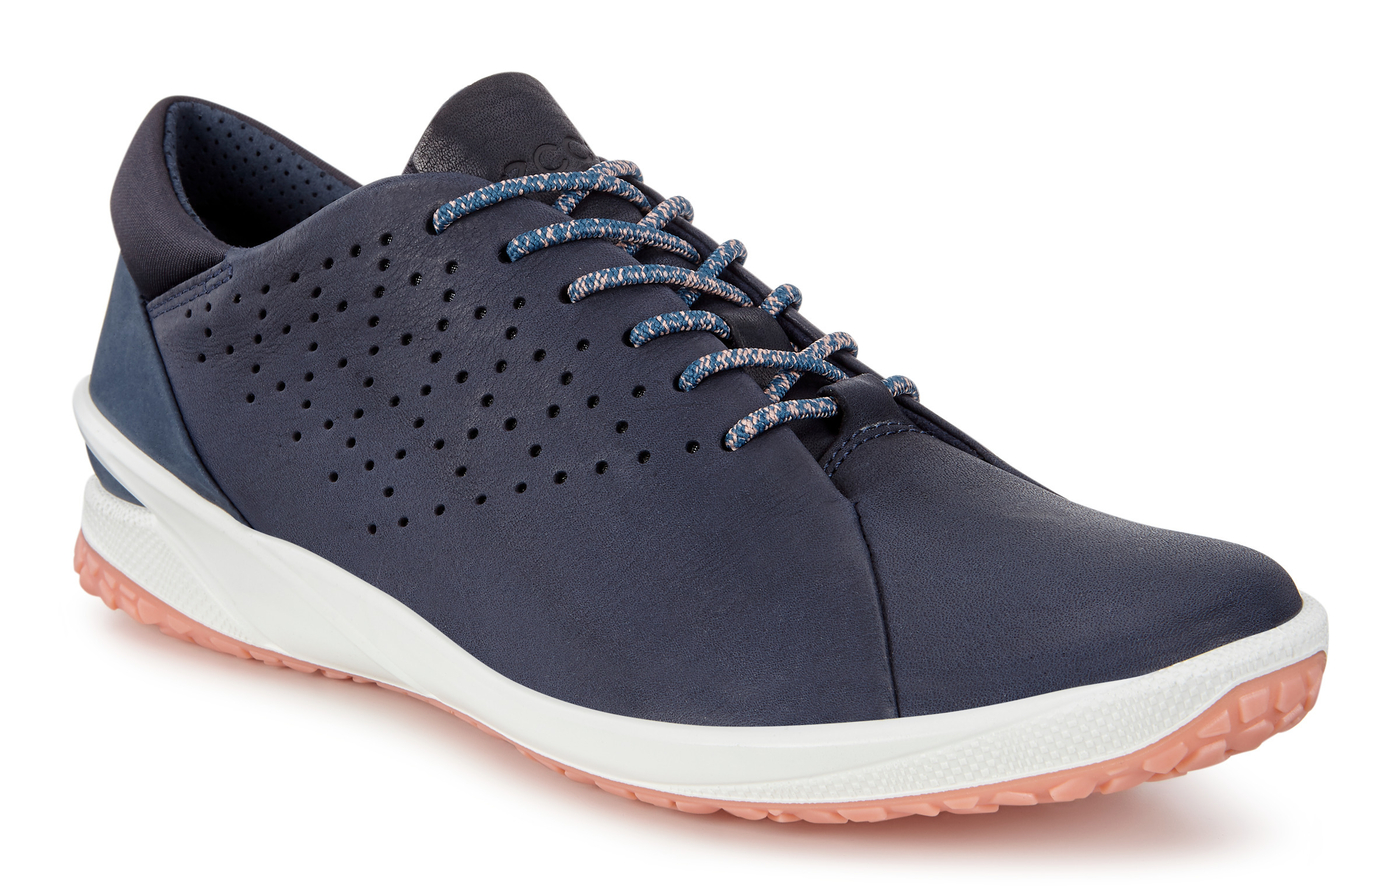 ECCO BIOM LIFE Outdoor Shoe